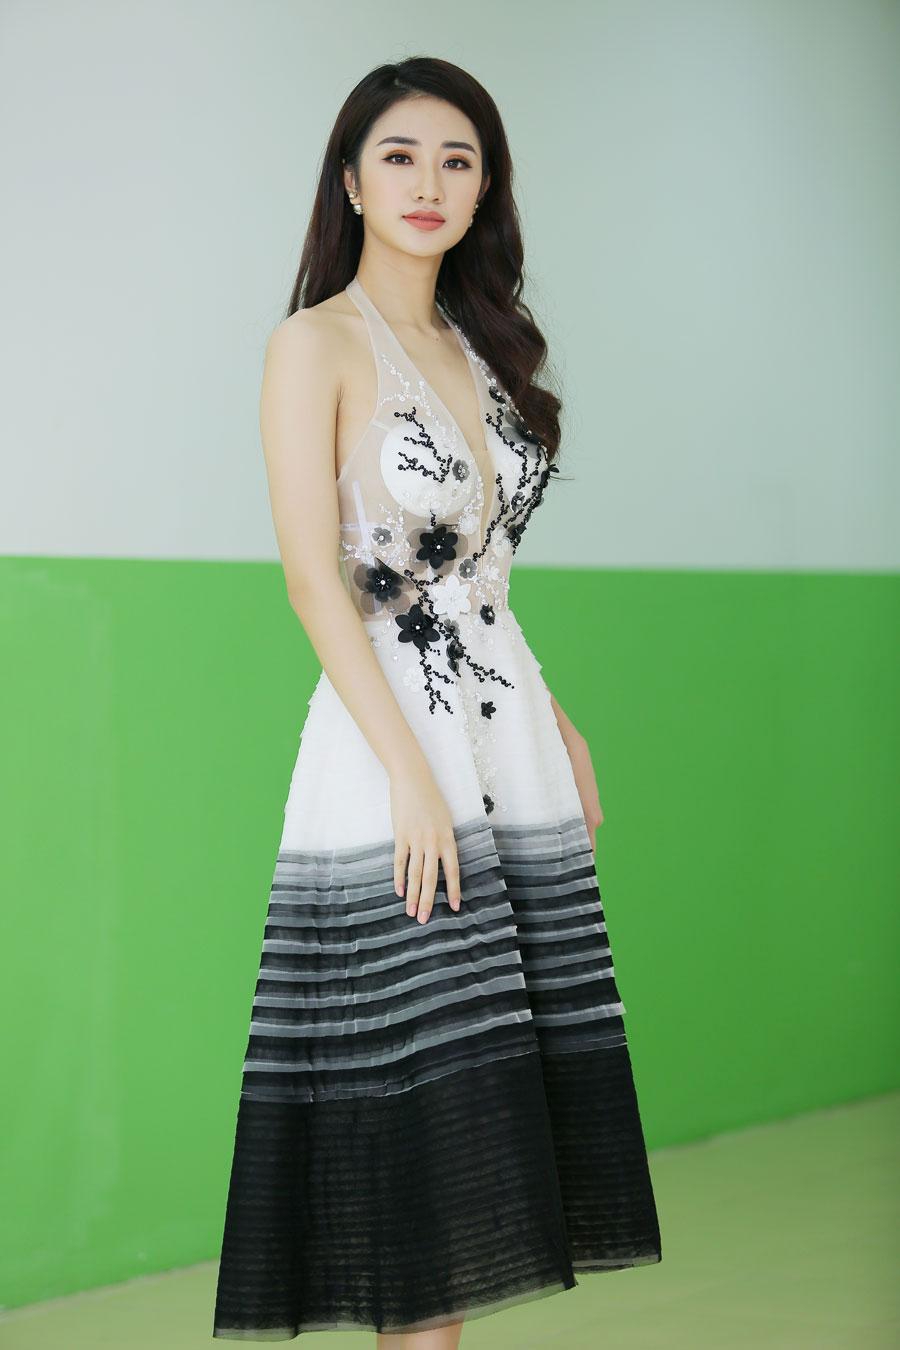 Hoa hậu Thu Ngân lo sợ mất chồng đại gia hơn 19 tuổi - Ảnh 3